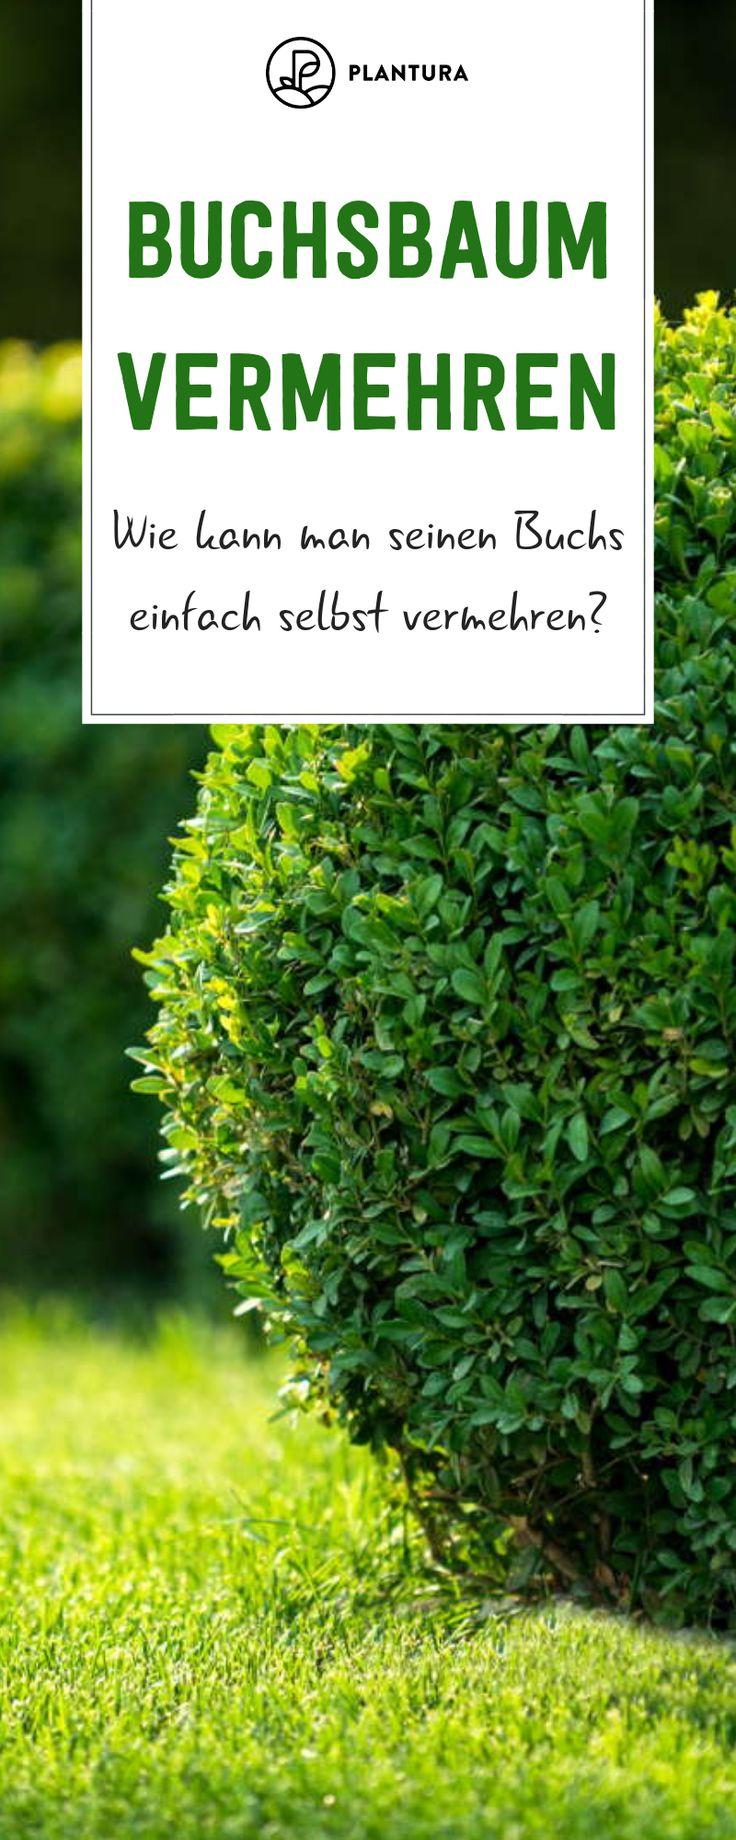 Buchsbaum Vermehren